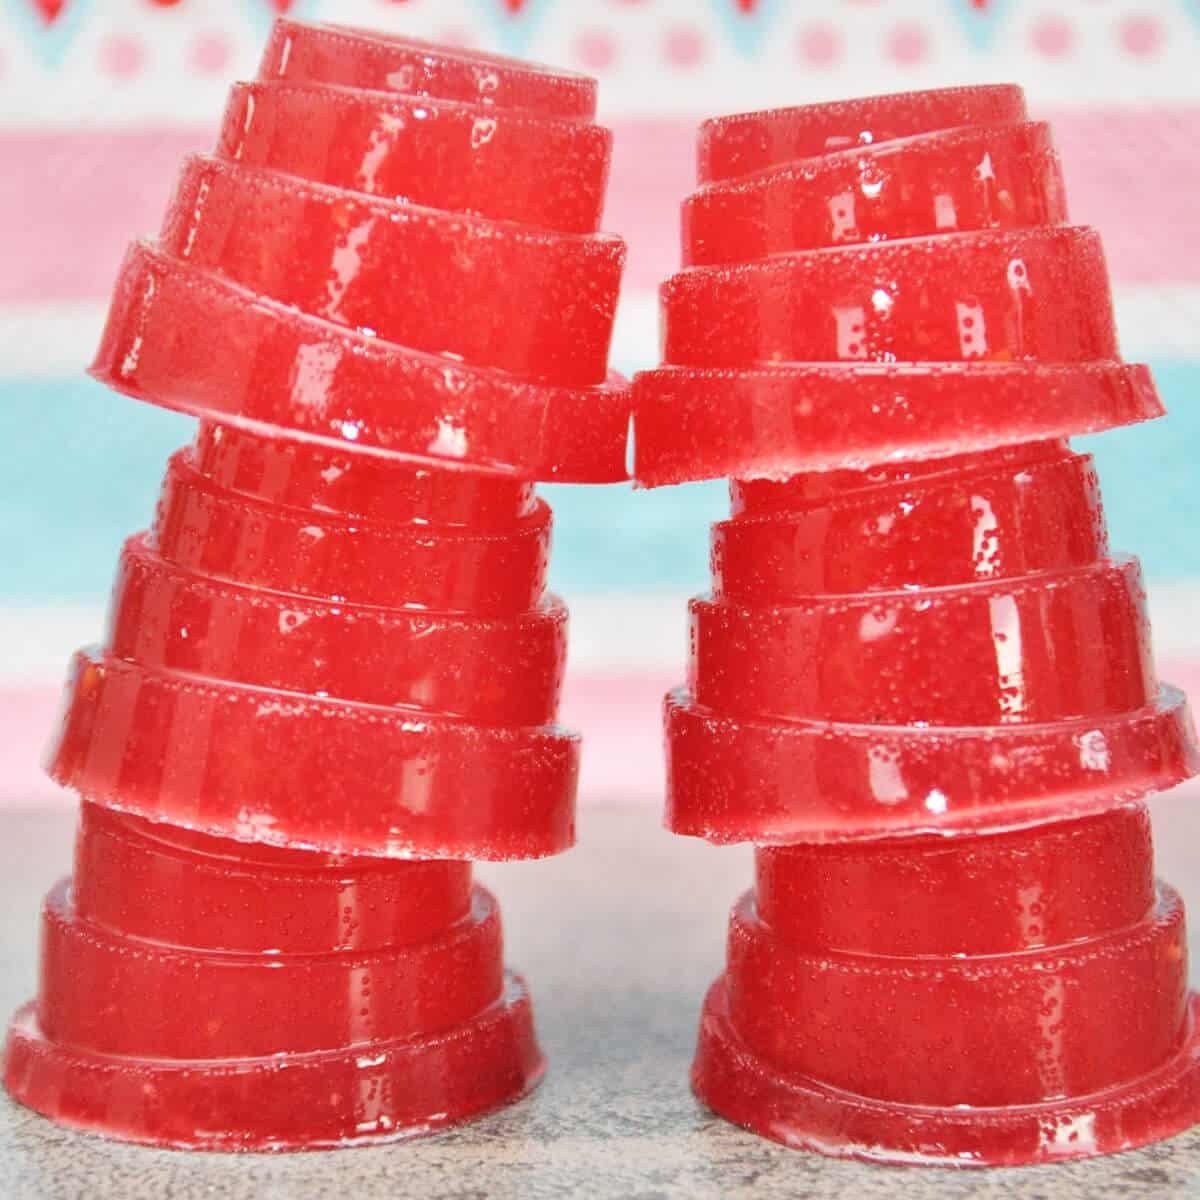 Low Carb Gummibärchen bzw. Weingummi ohne Zucker selber machen mit Fiber Sirup, Erythrit und Xucker Light